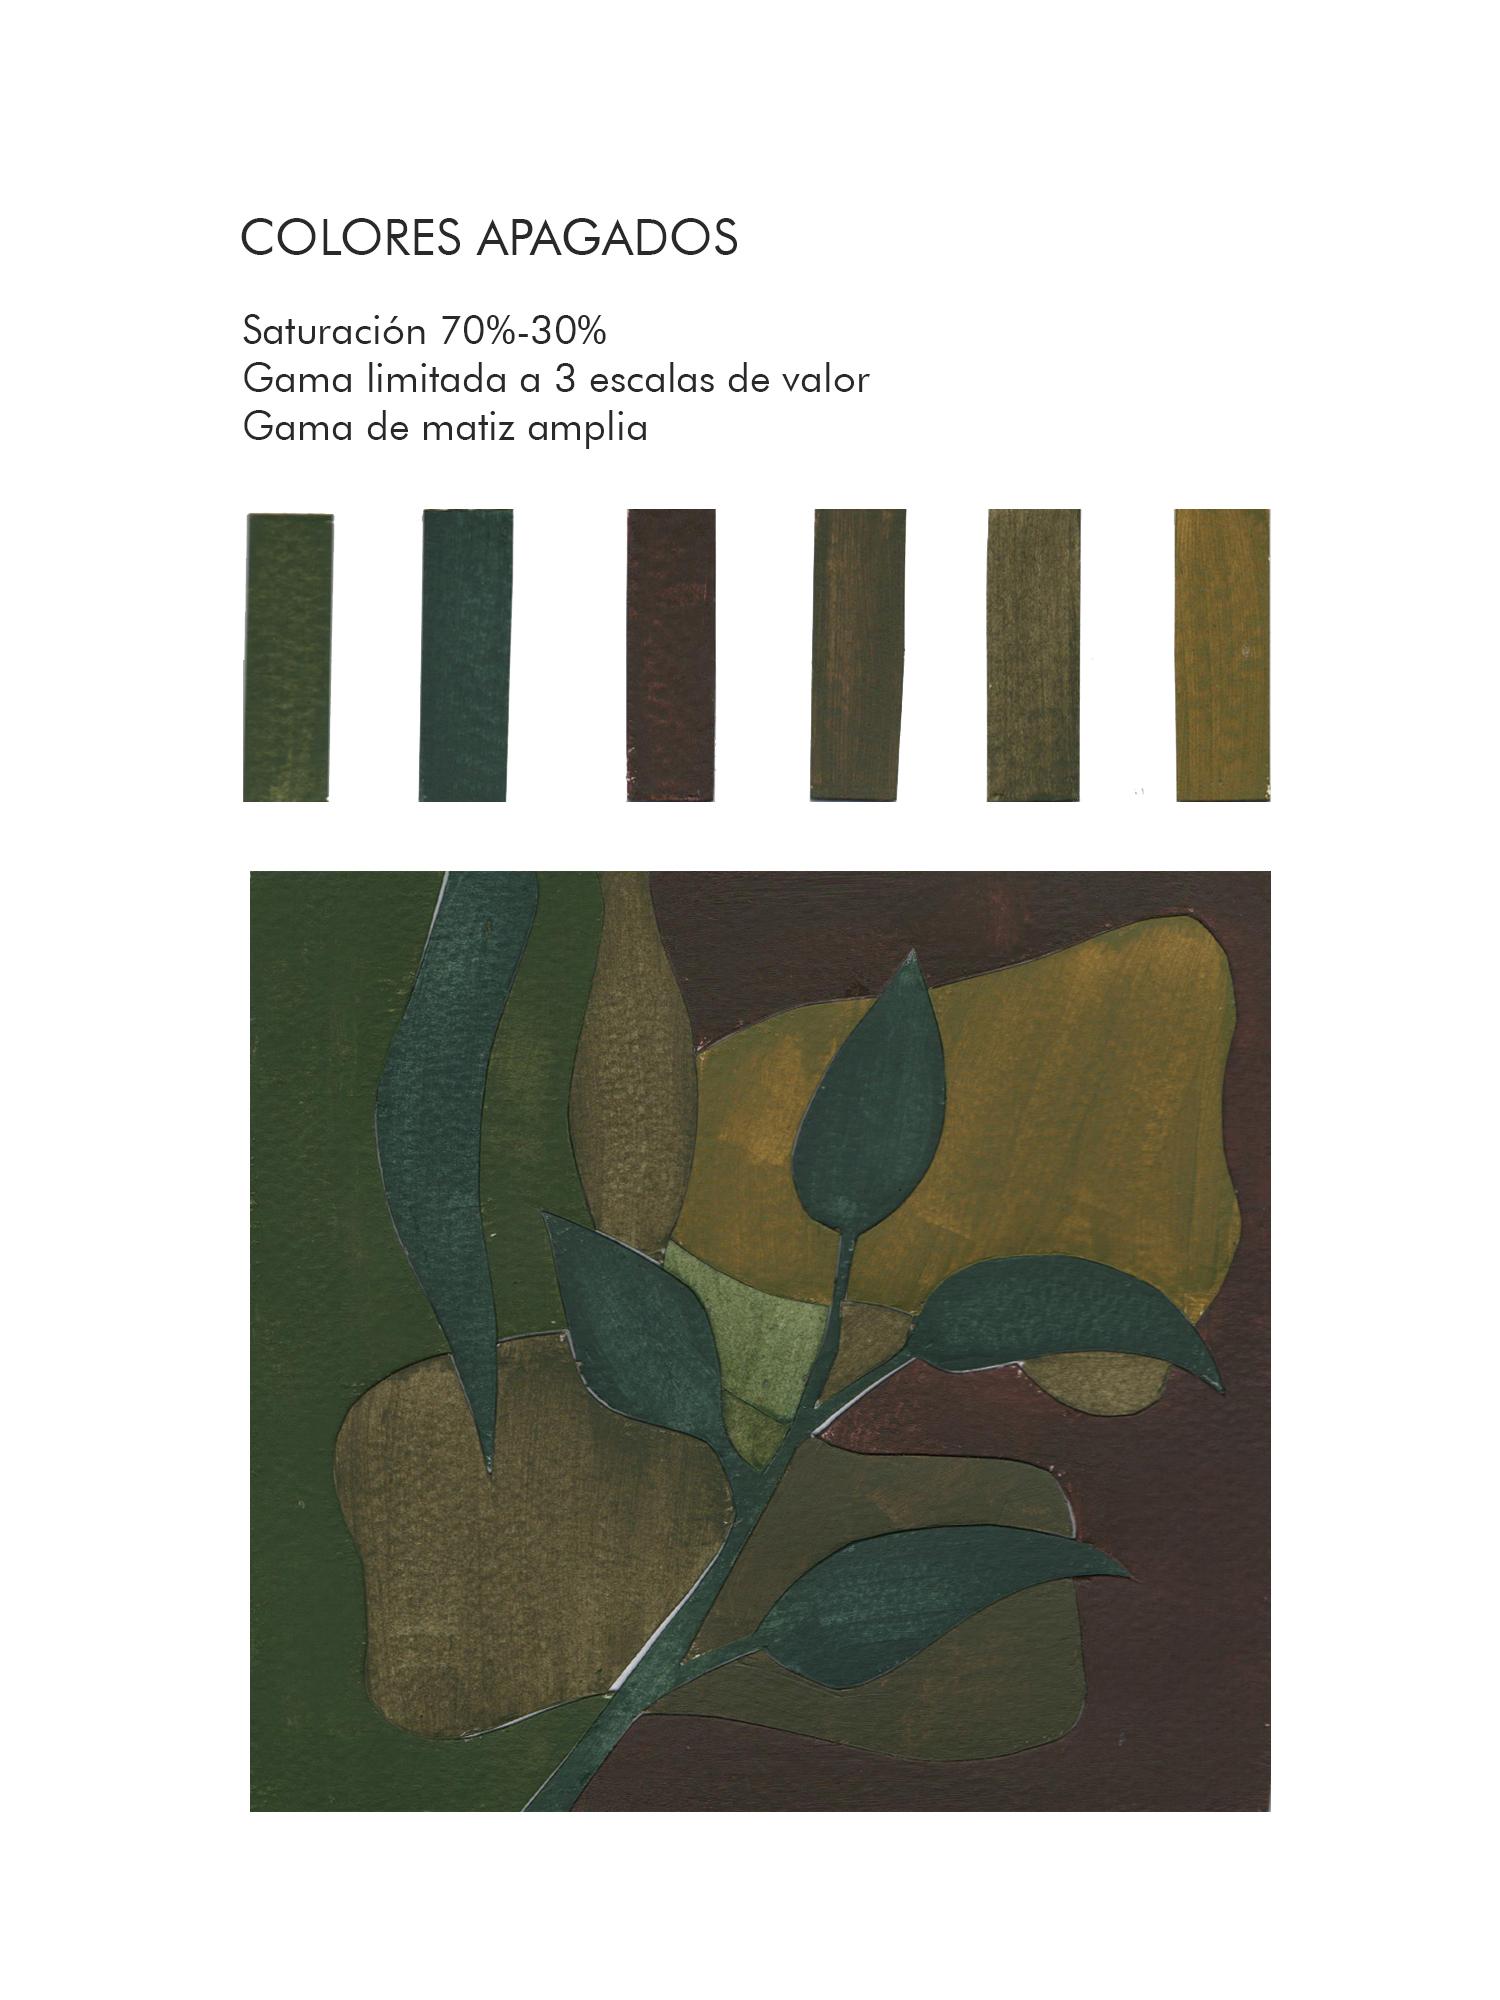 Andrea Santillán, Colores apagados, valor limitado